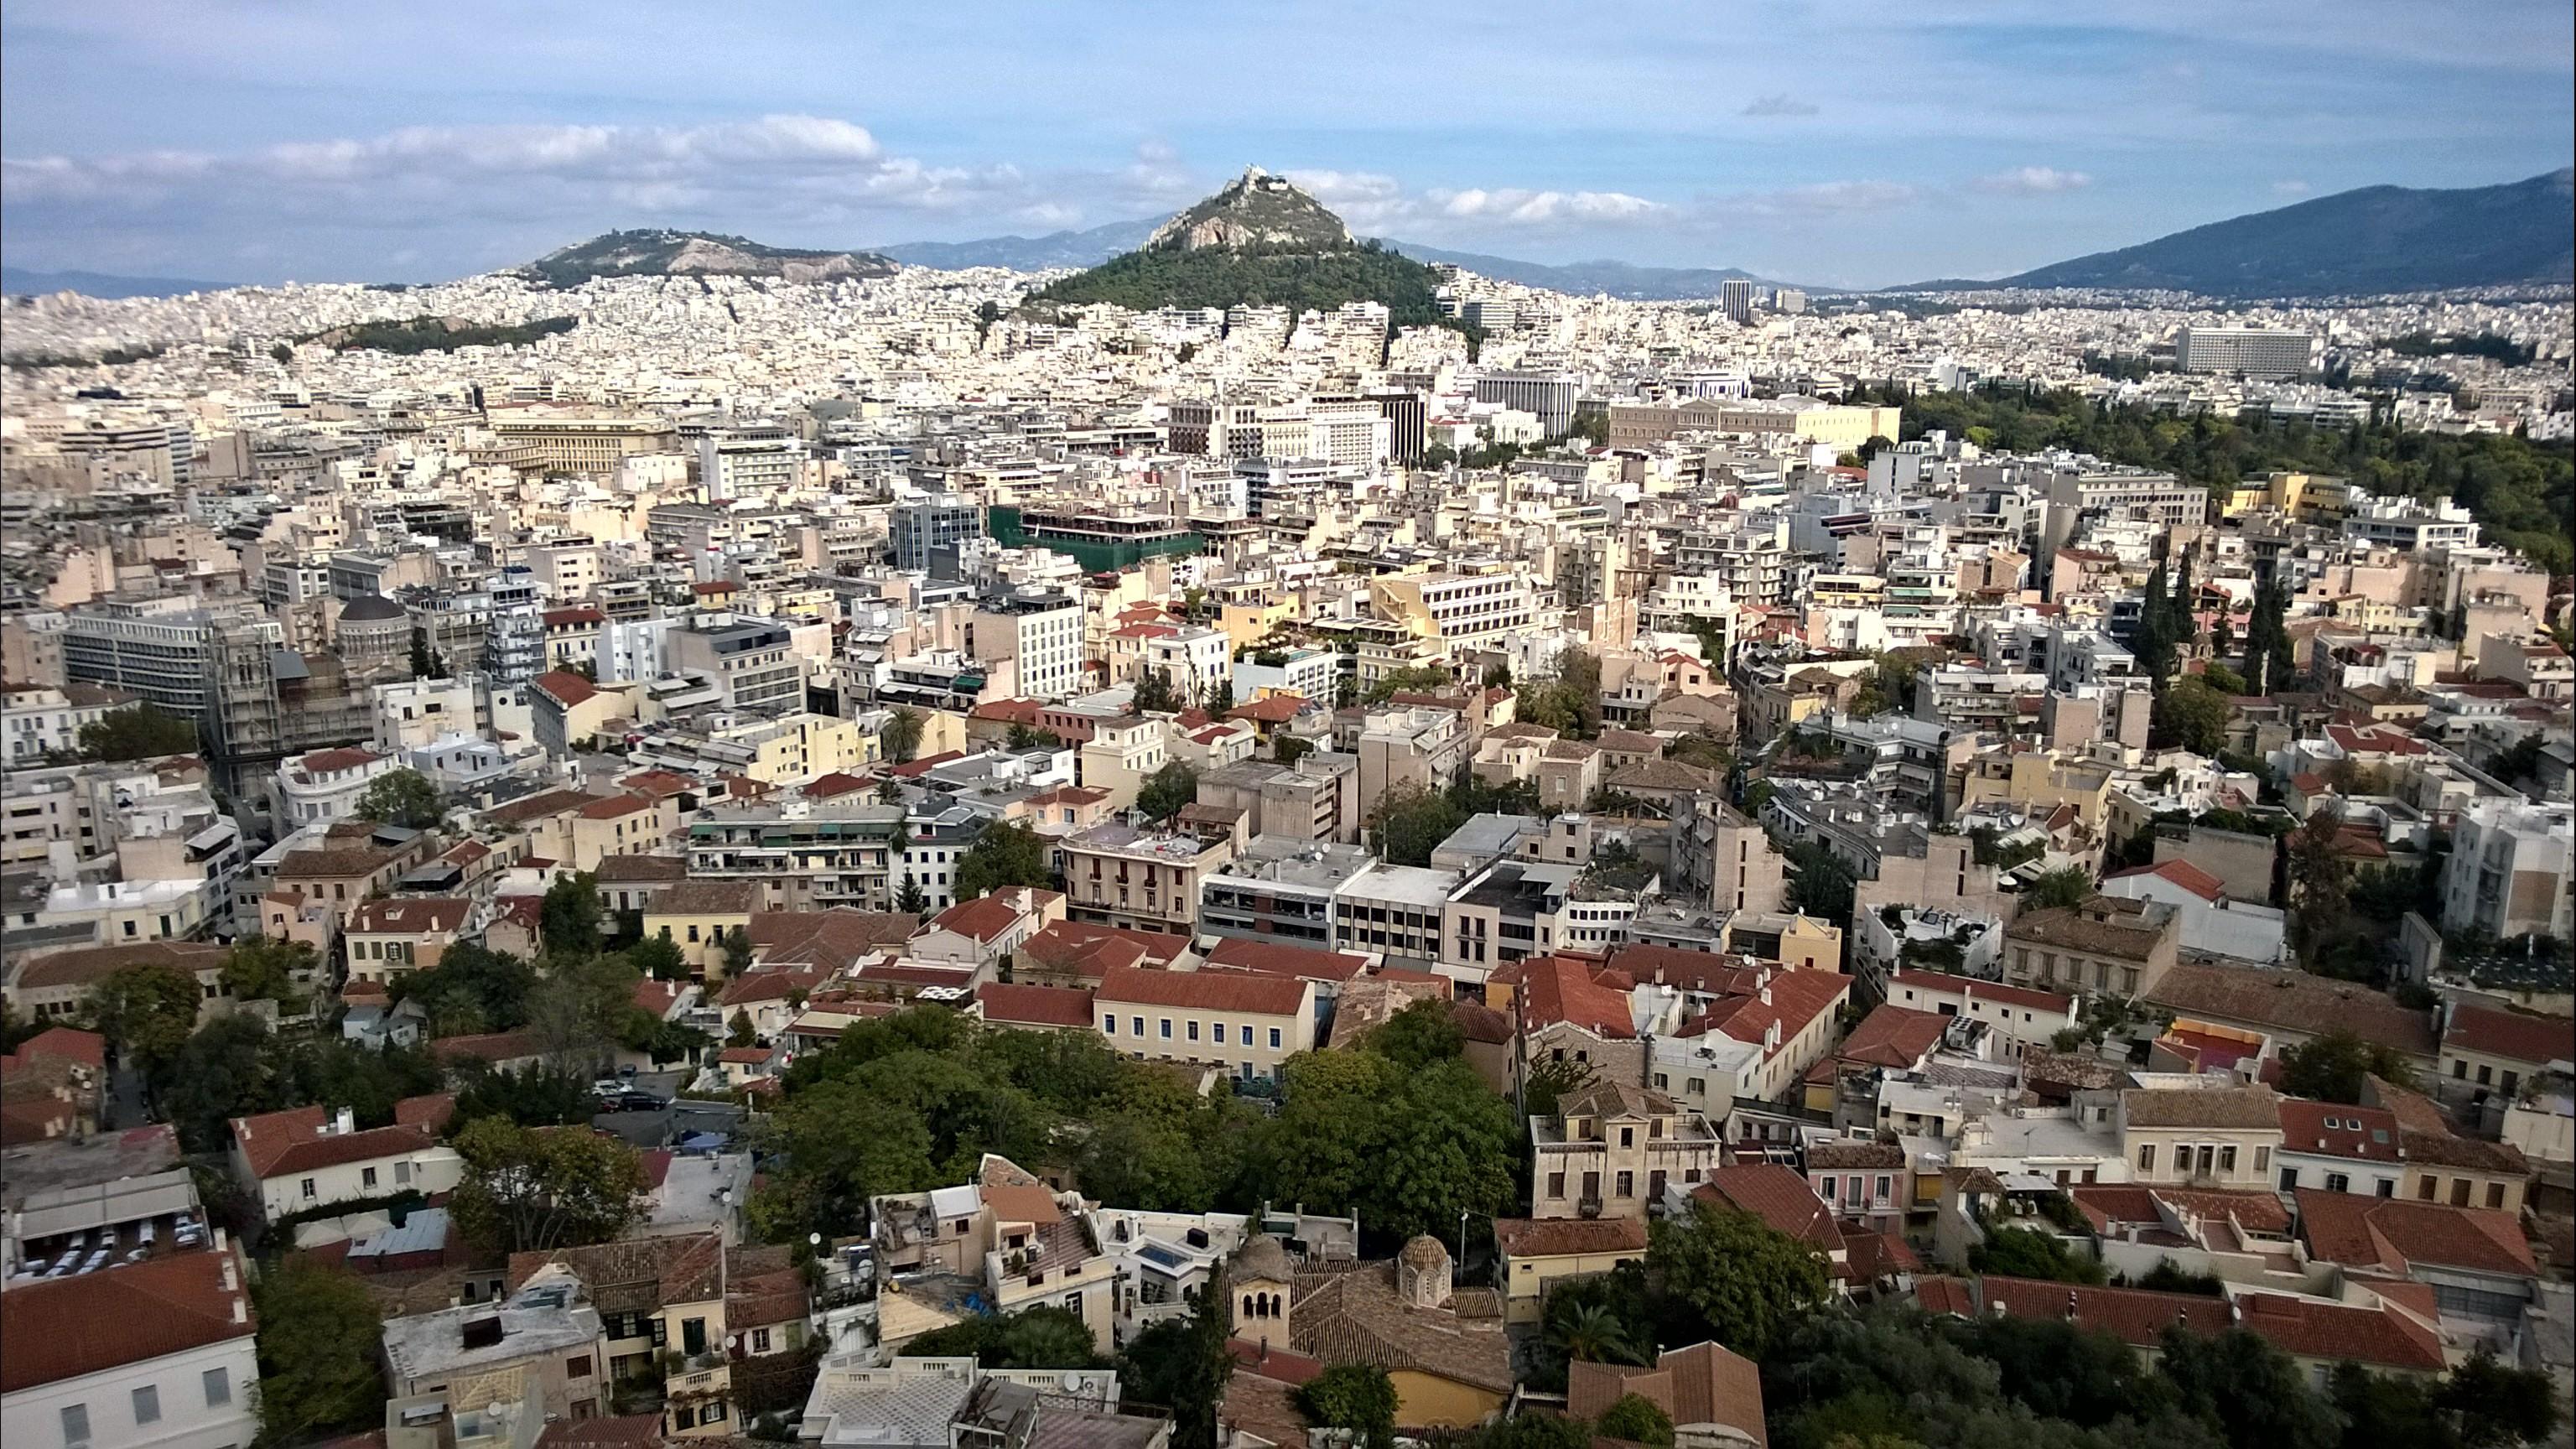 Αθήνα ταχύτητα dating Ελλάδα